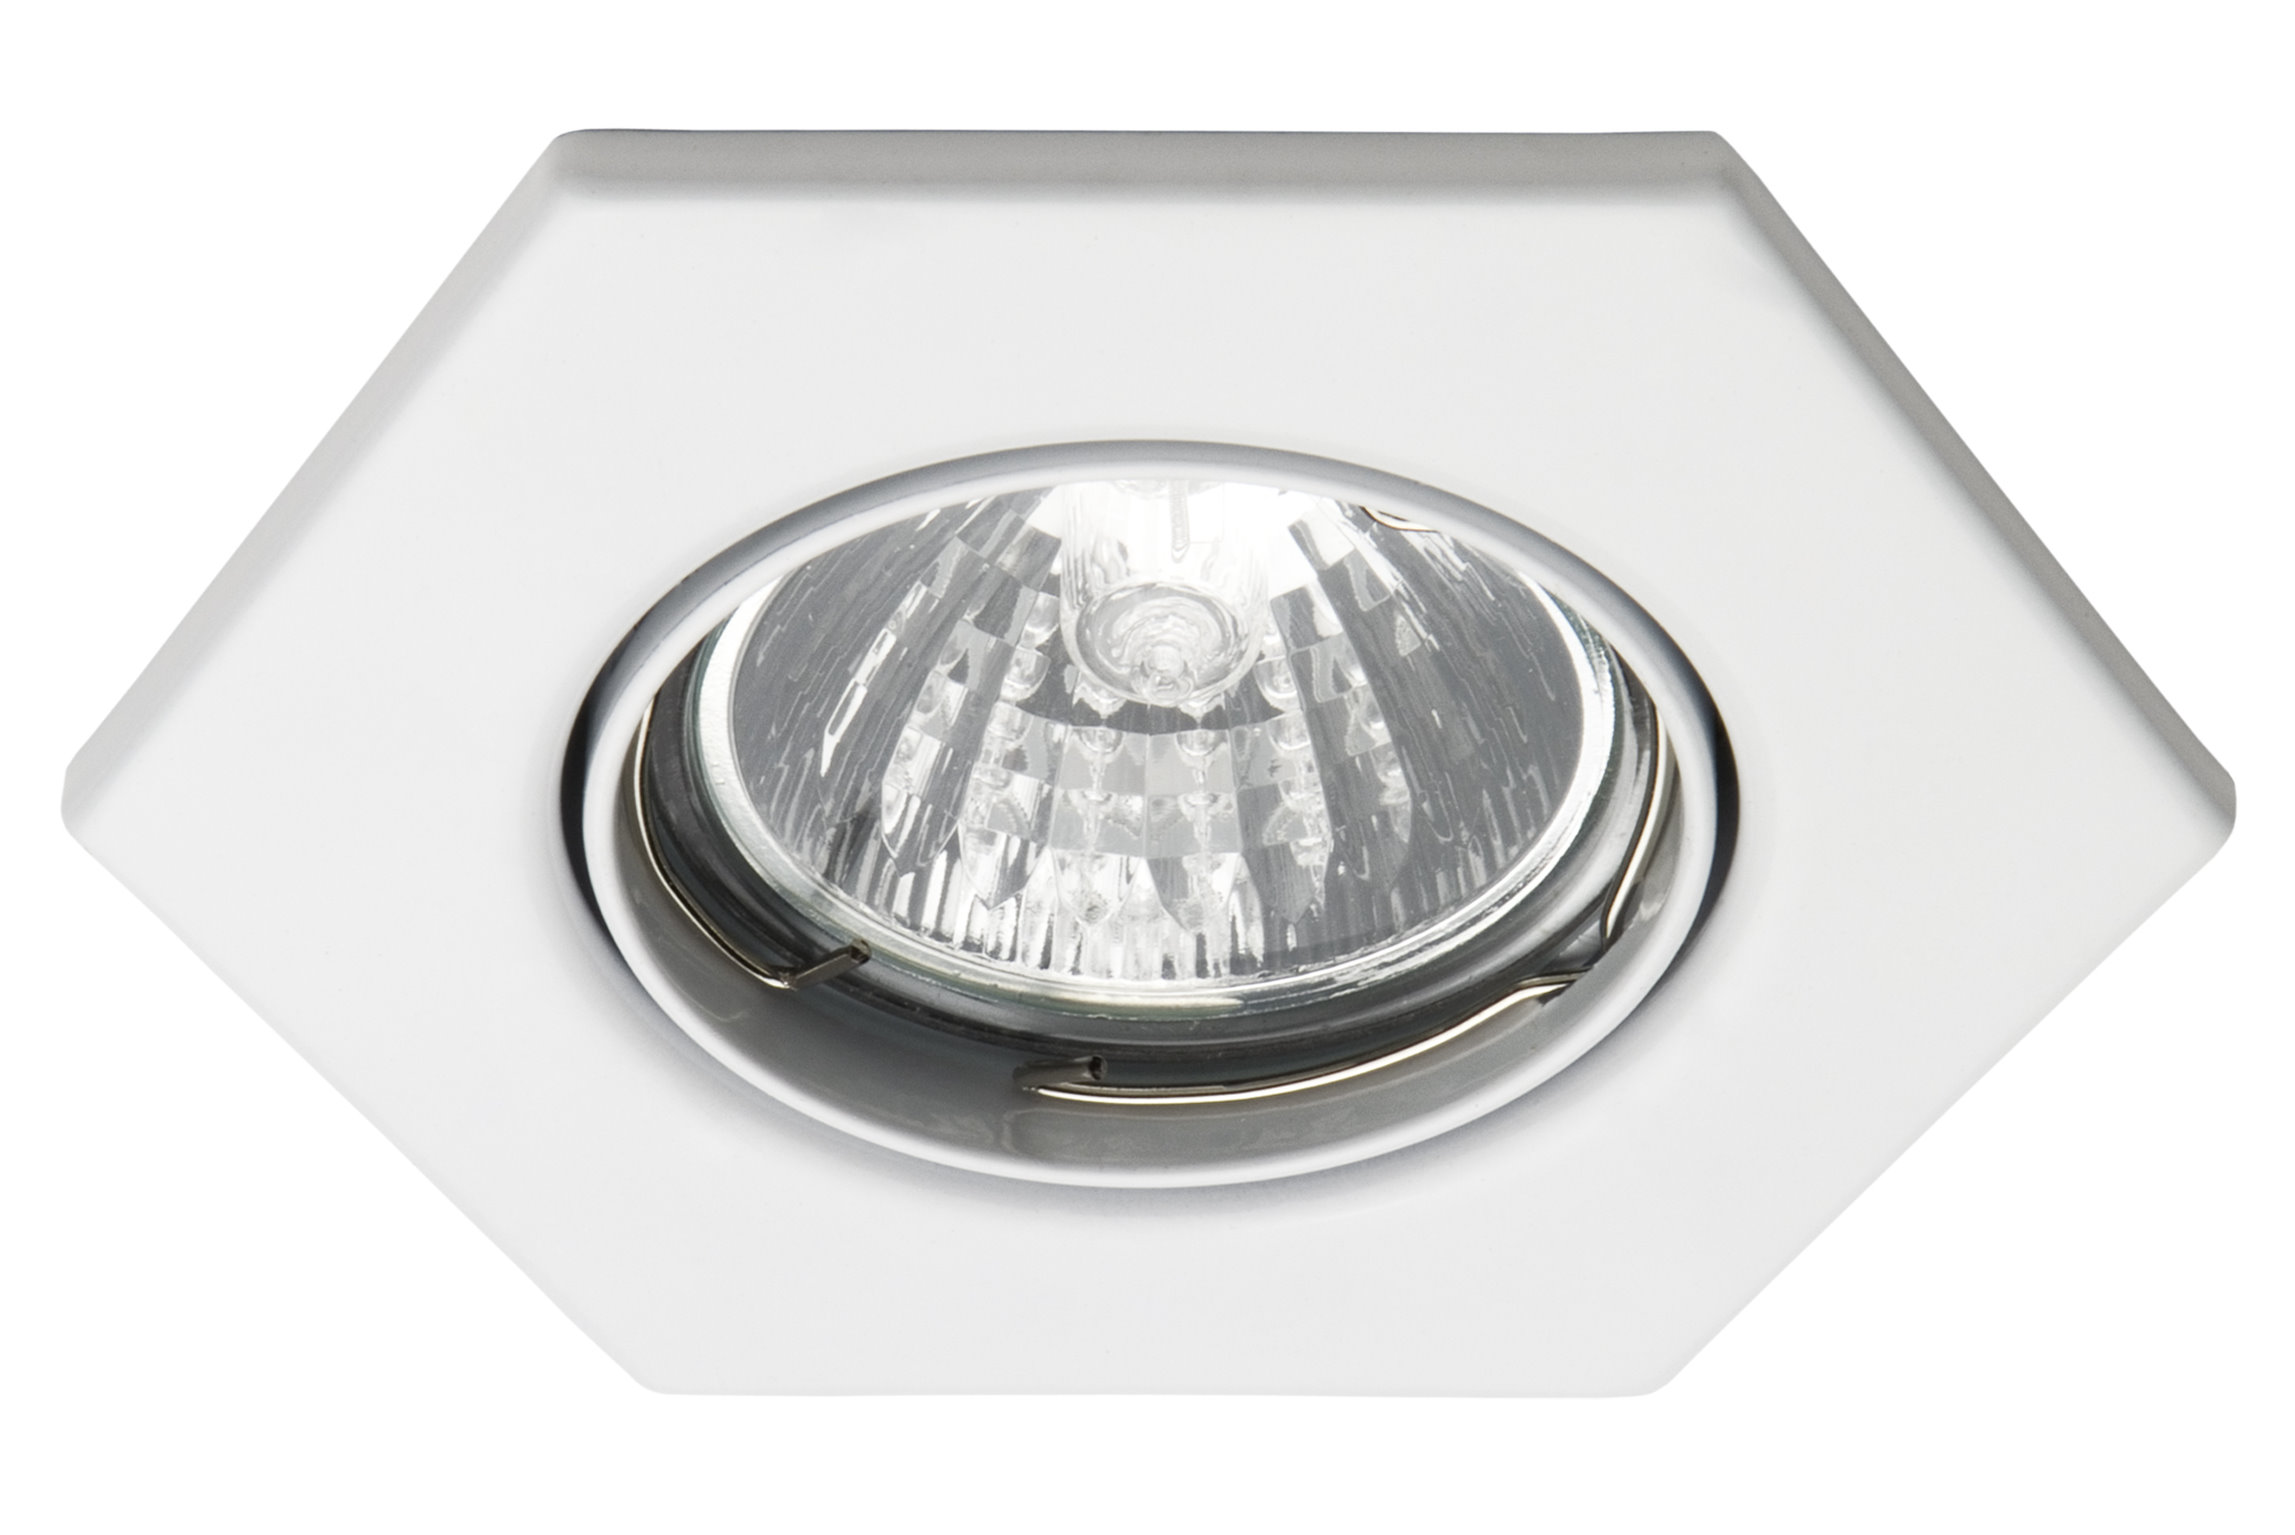 12 v mr16 einbaustrahler f r halogen oder led lampen decken spot 6 eck leuchte ebay. Black Bedroom Furniture Sets. Home Design Ideas